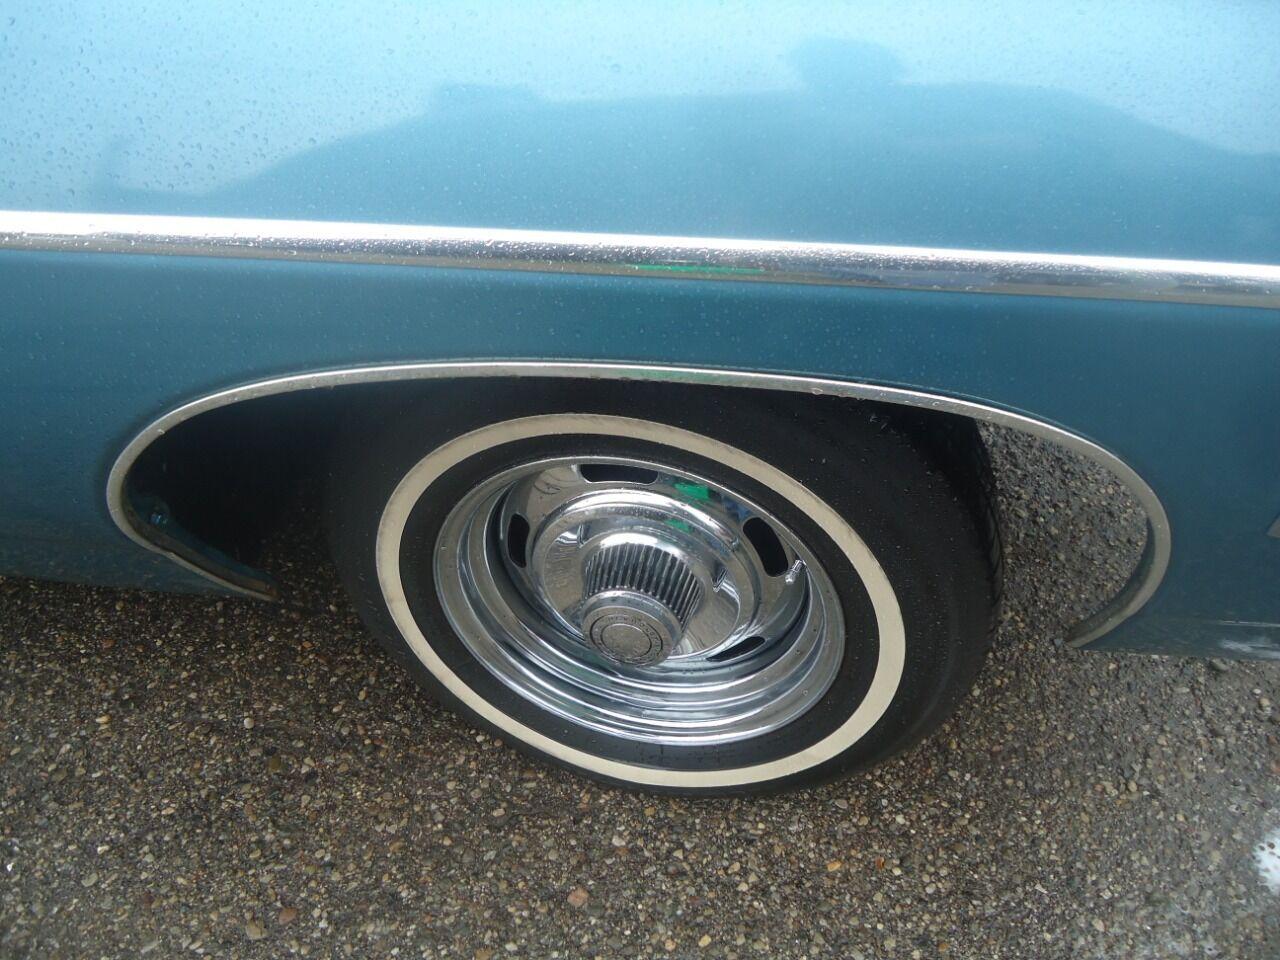 1968 Chevrolet Impala 20